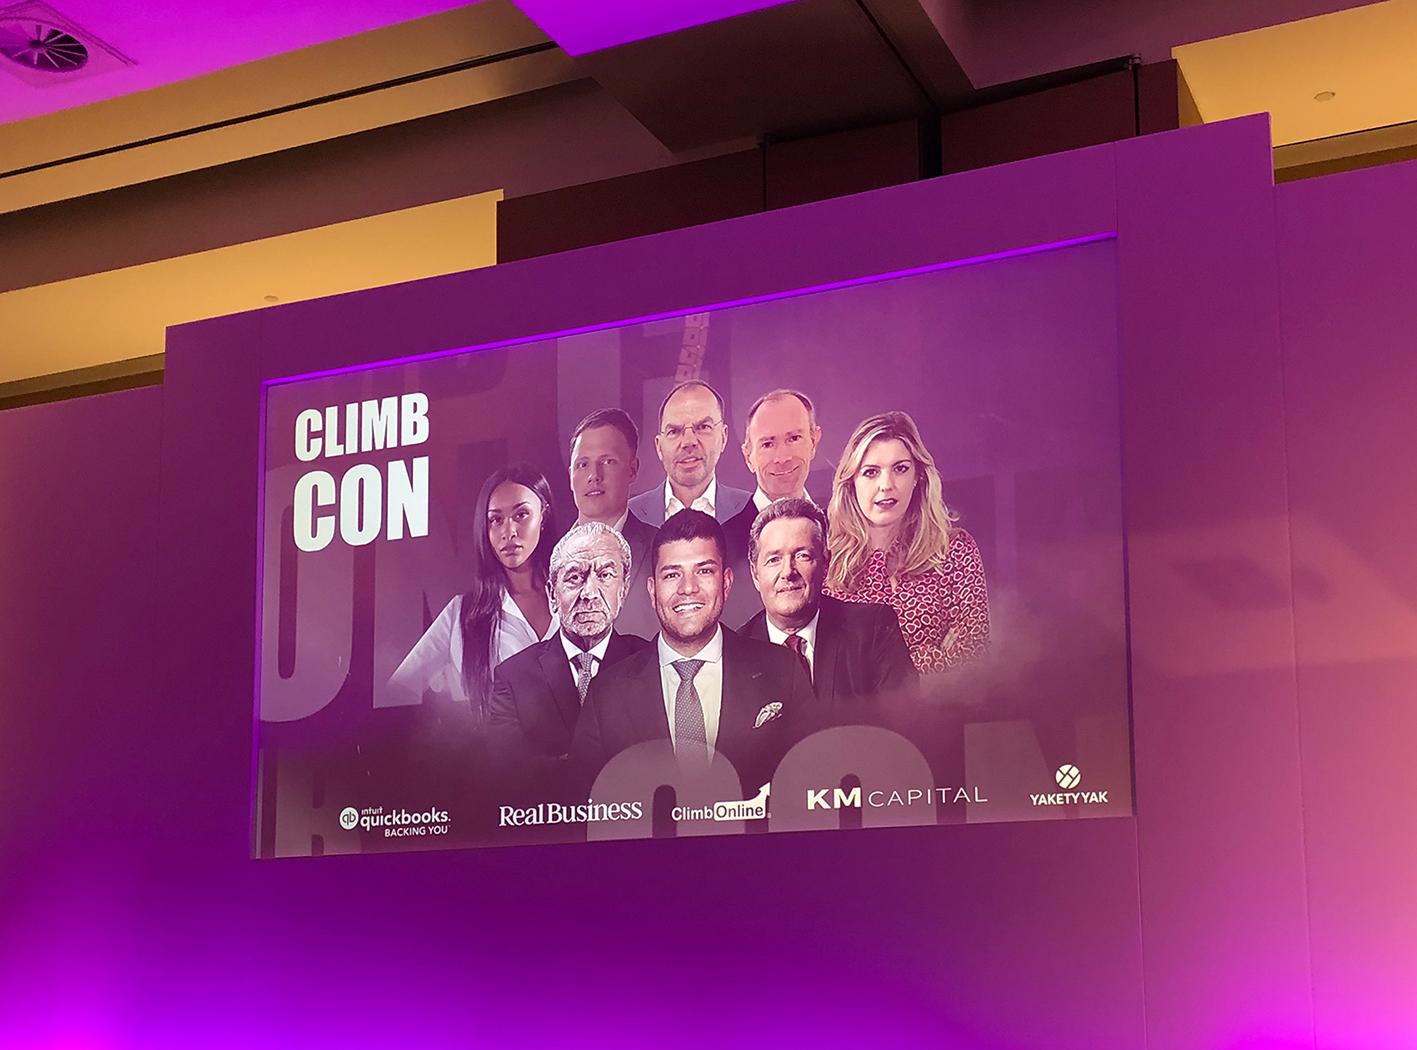 Climb Con